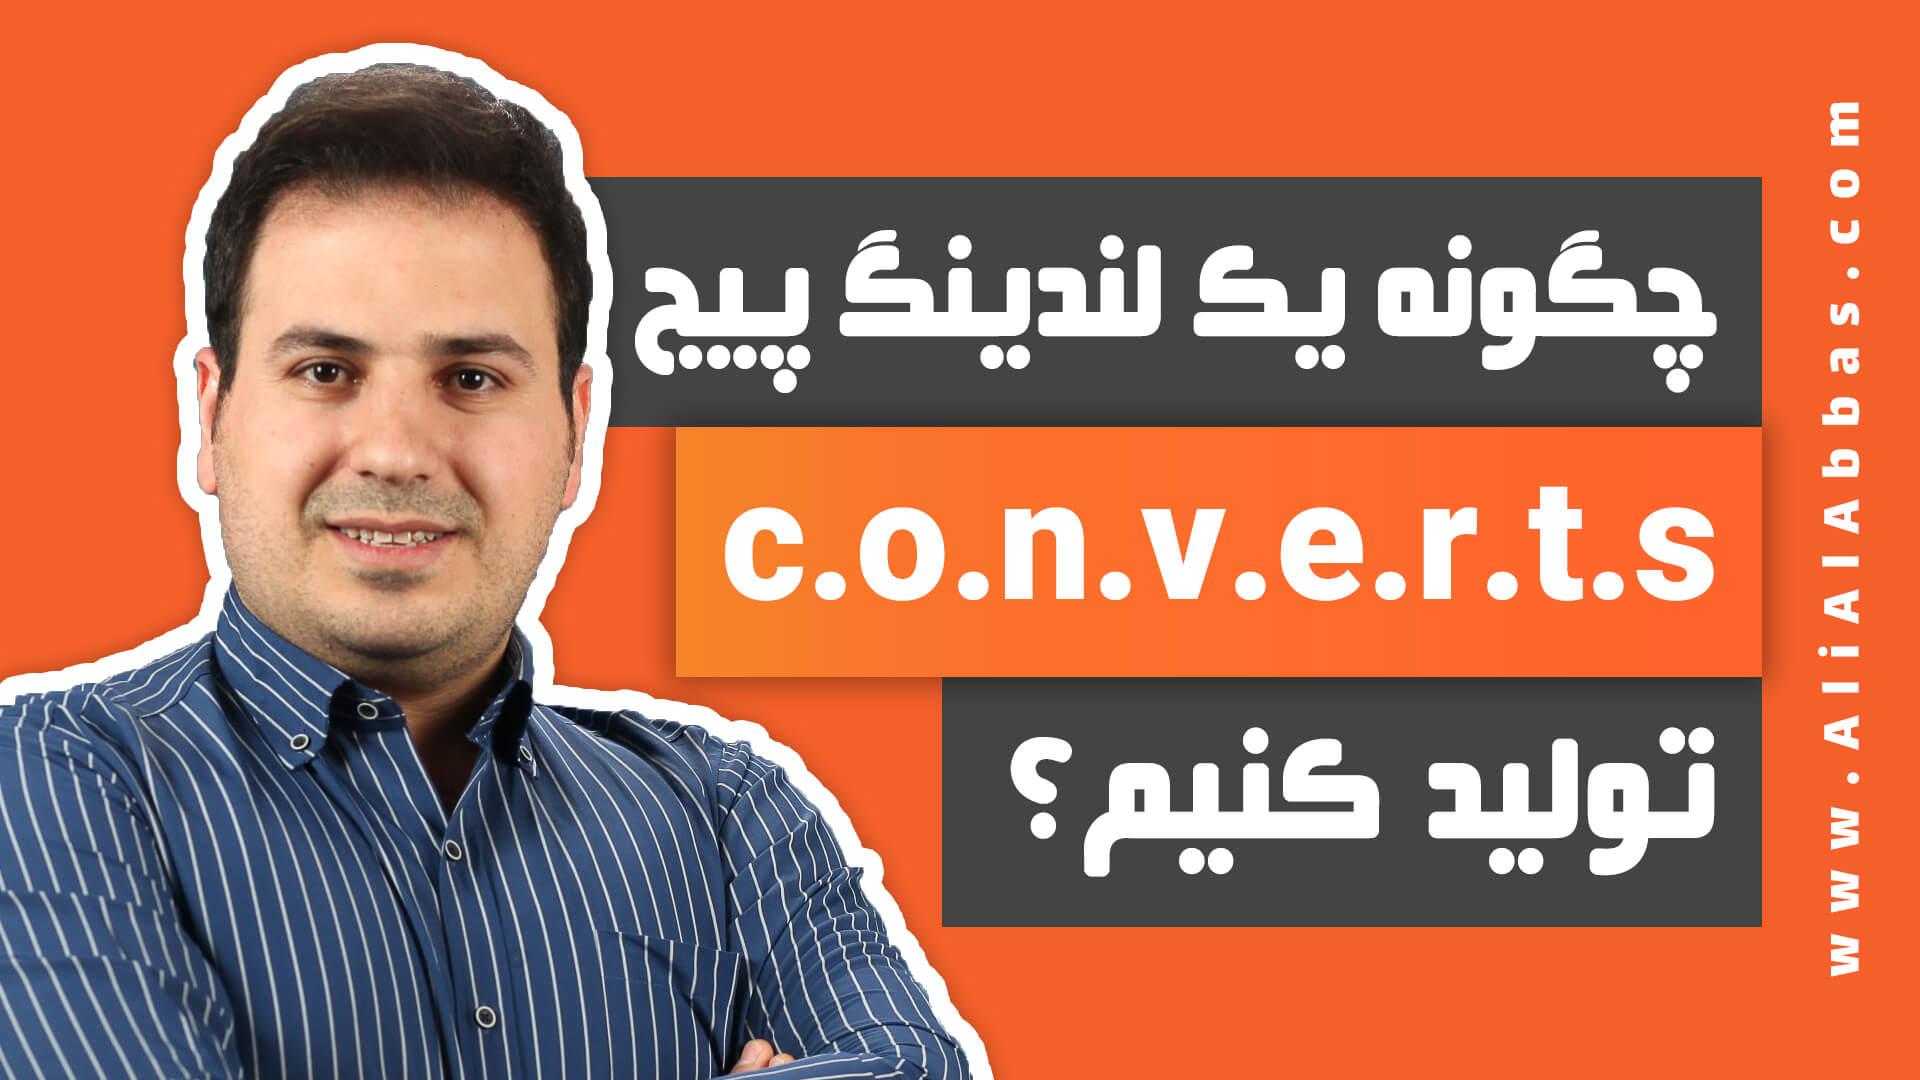 چگونه یک لندینگ پیج خوب c.o.n.v.e.r.t.s تولید کنیم؟ - علی آل عباس